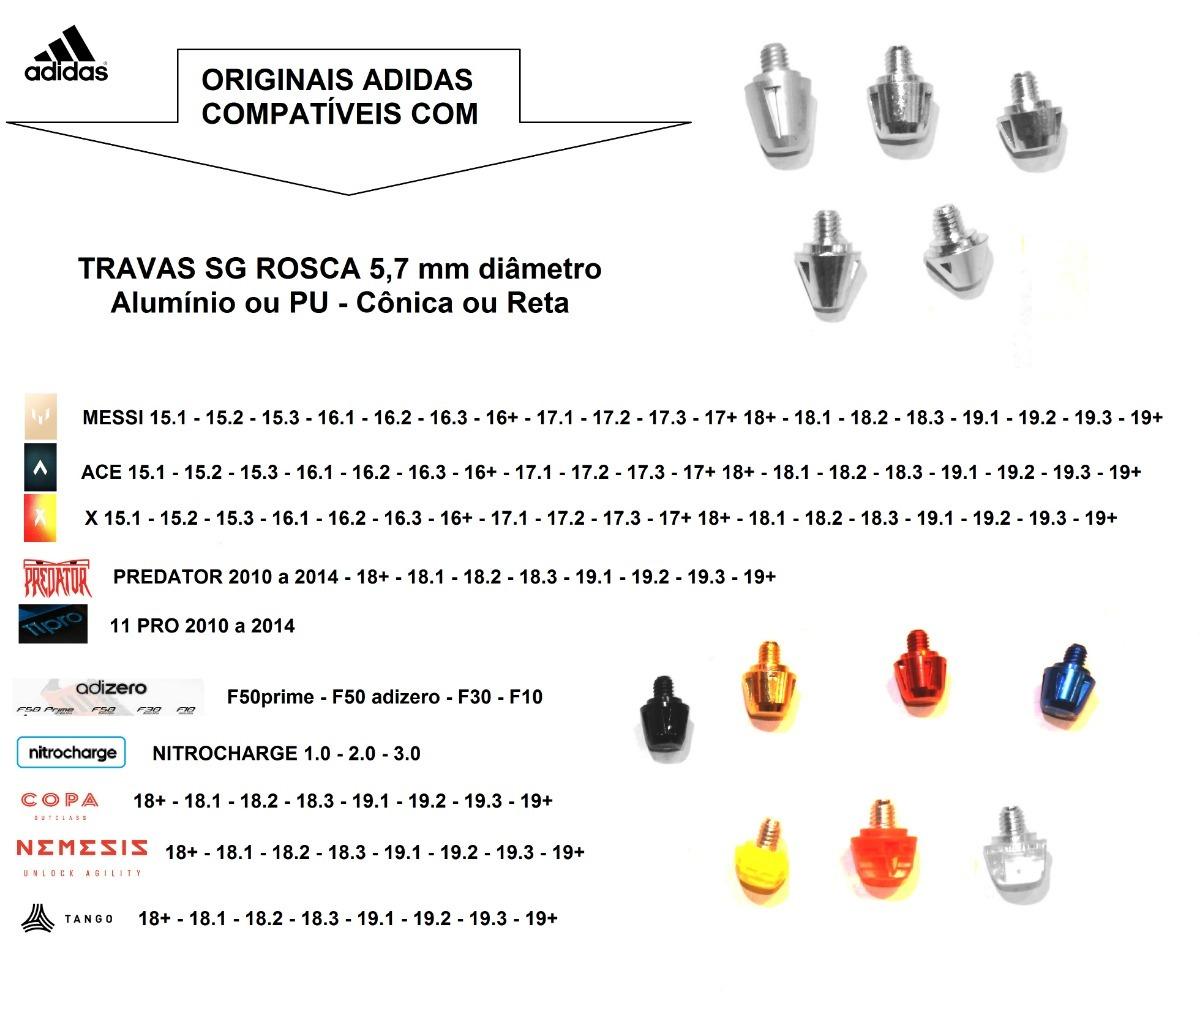 3cadf251da0ed kit 2 travas poliuretano fg adidas predator ace x 1magnus. Carregando zoom.